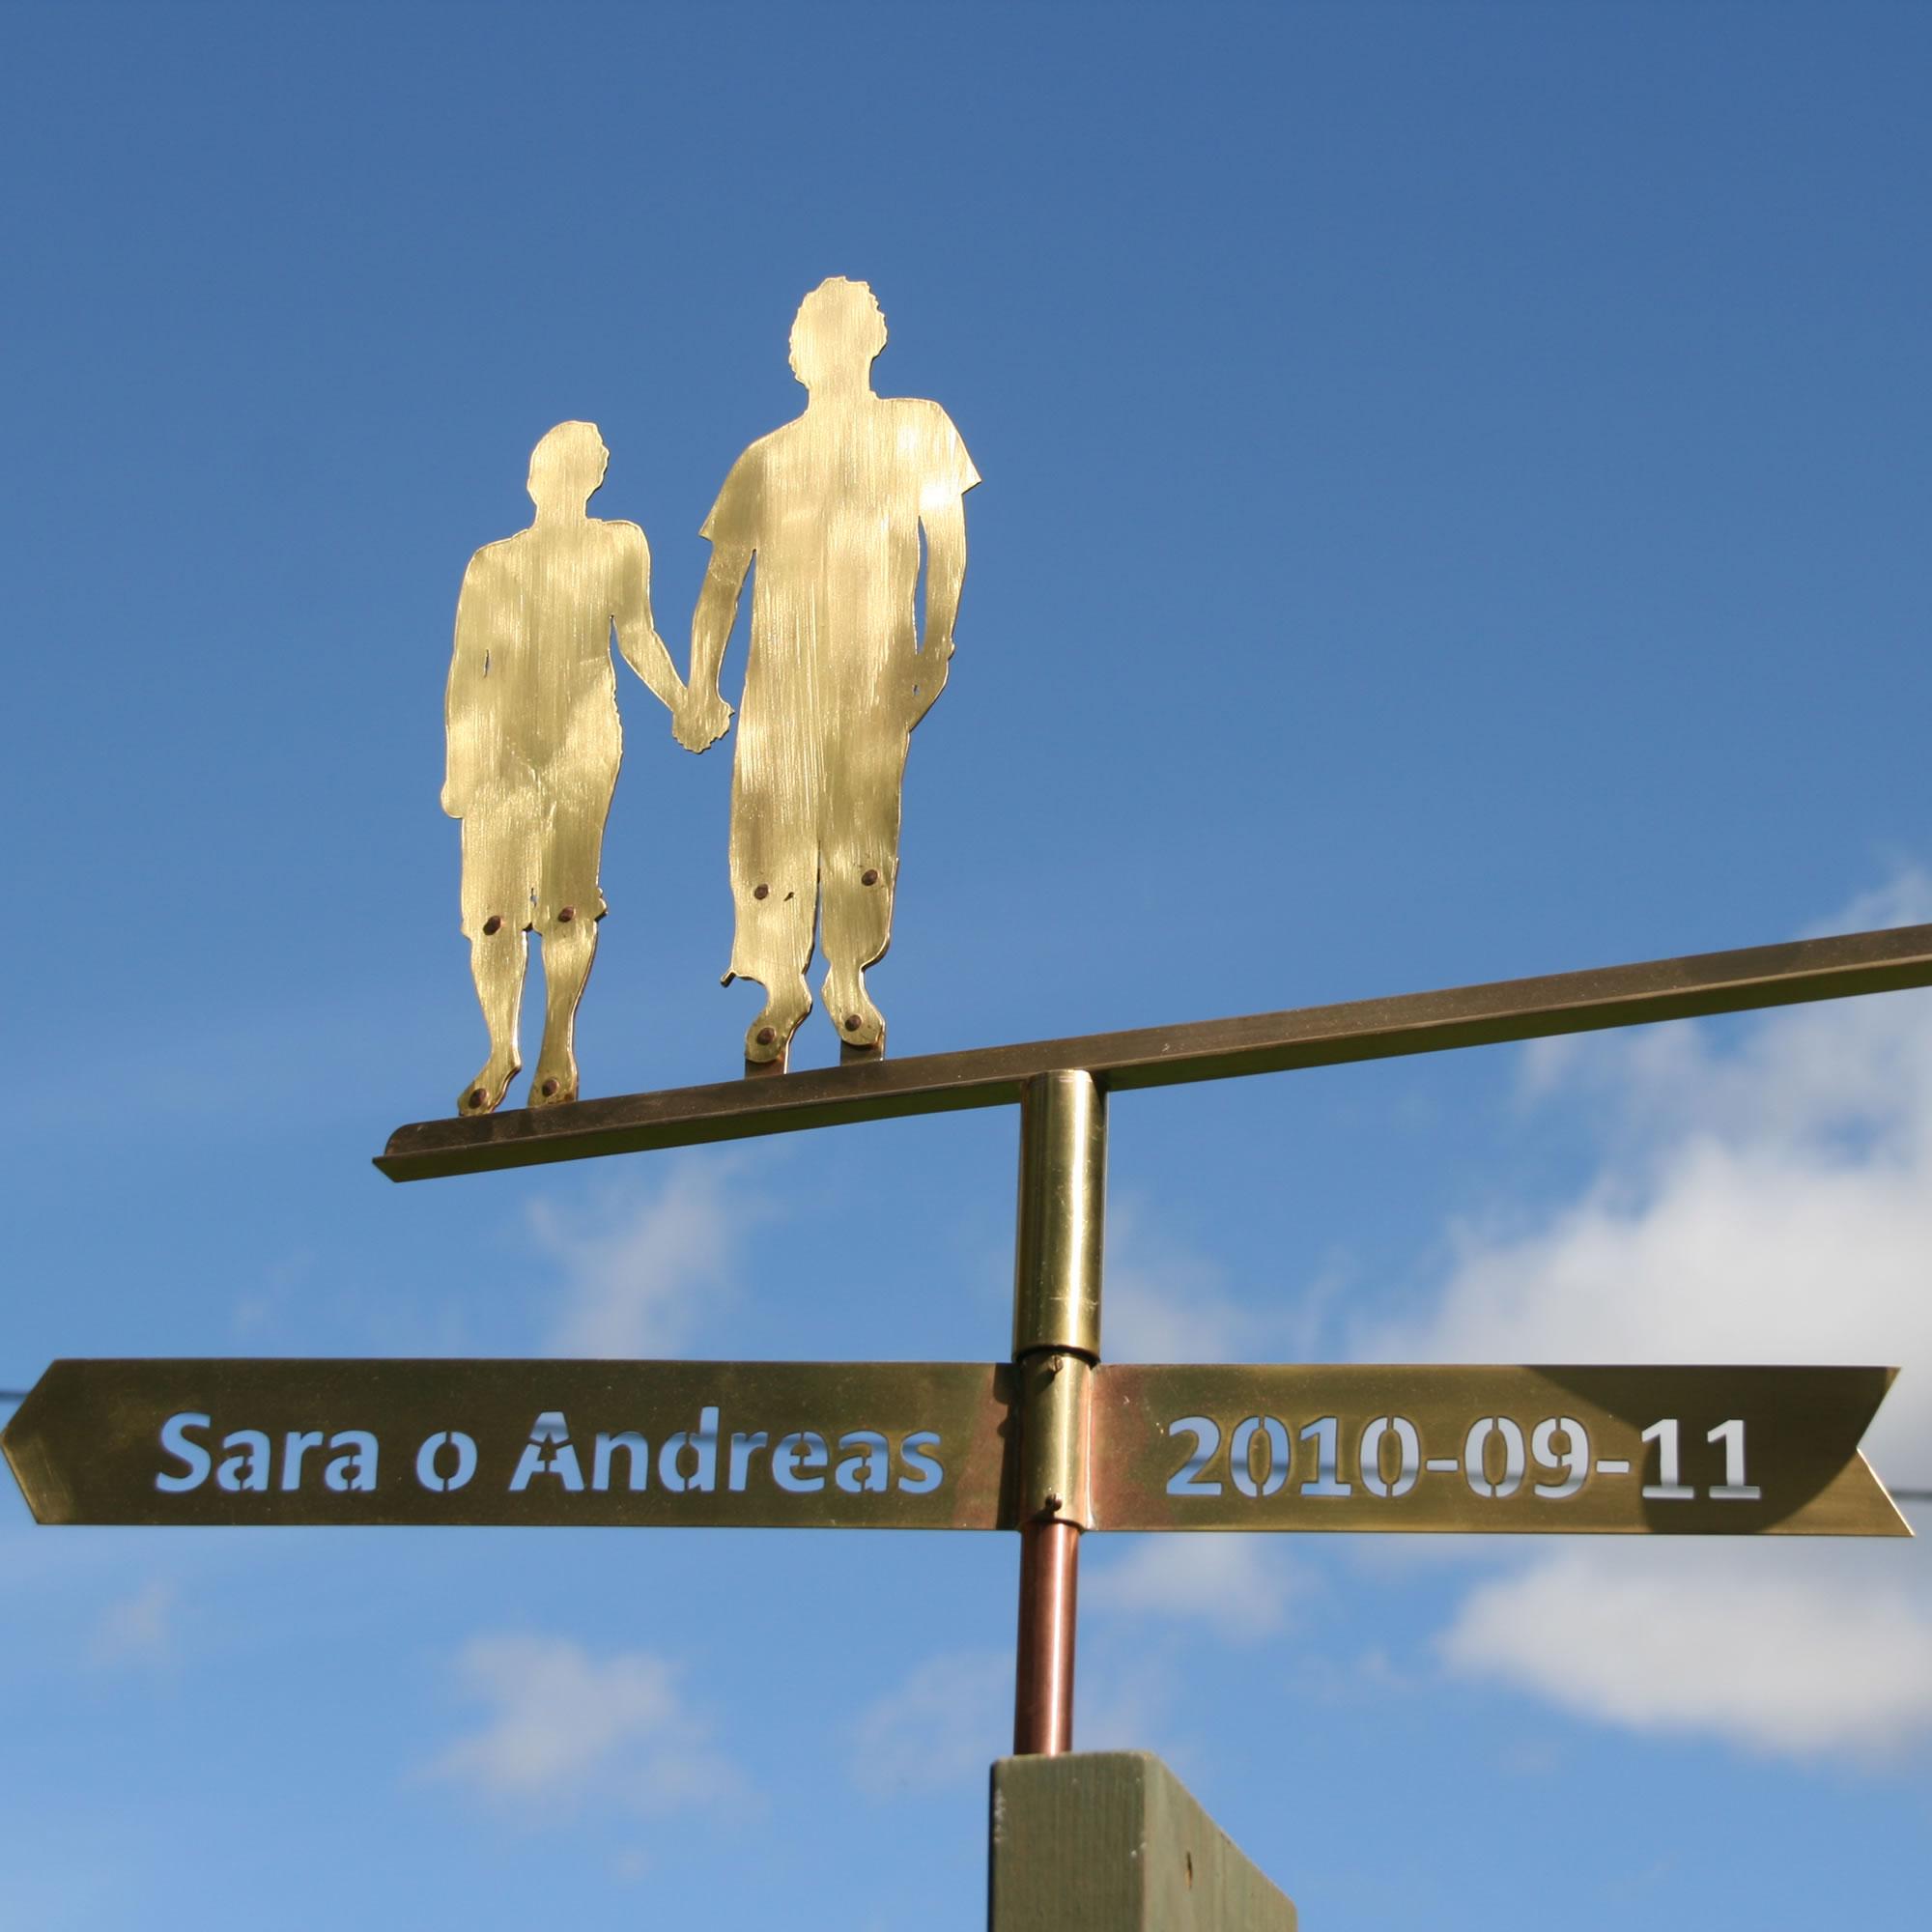 Vindflöjel Sara o Andreas